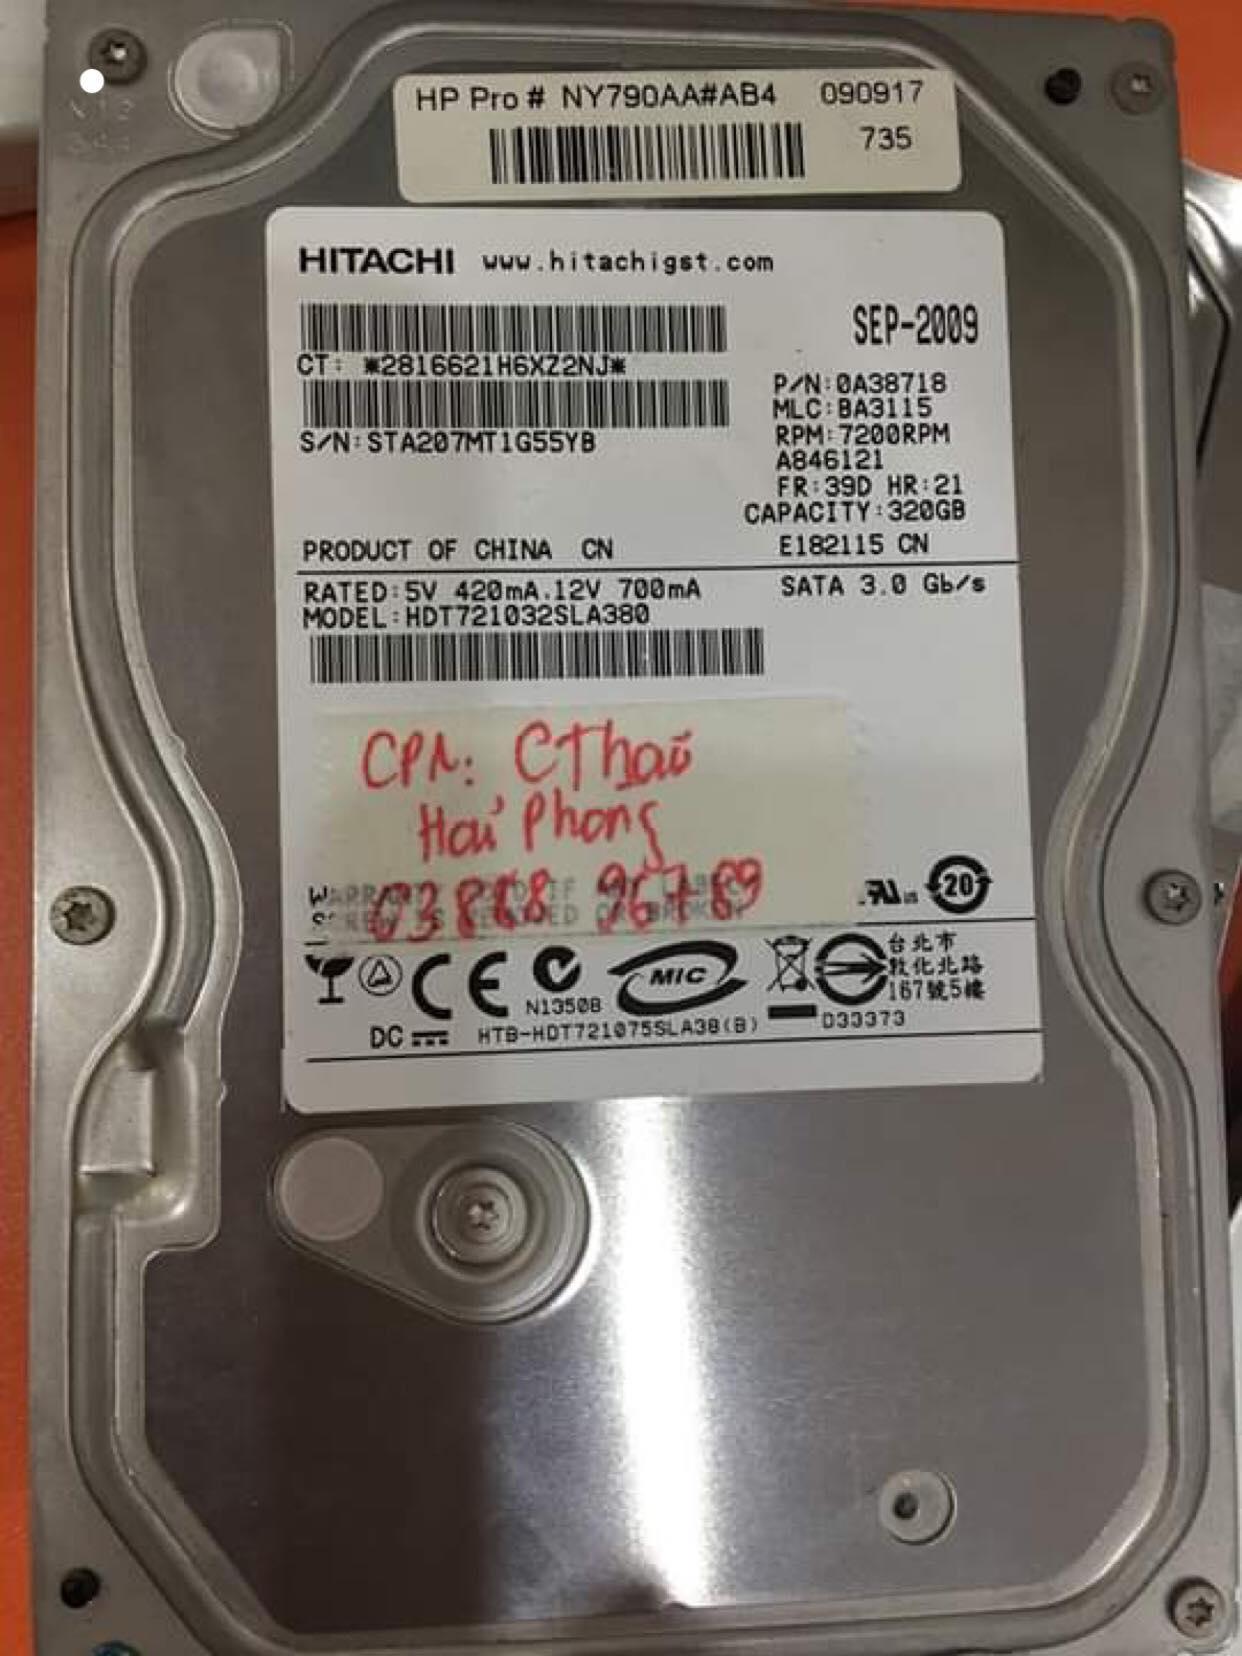 Lấy dữ liệu ổ cứng Hitachi 320GB không nhận tại Hải Phòng 25/06/2019 - cuumaytinh